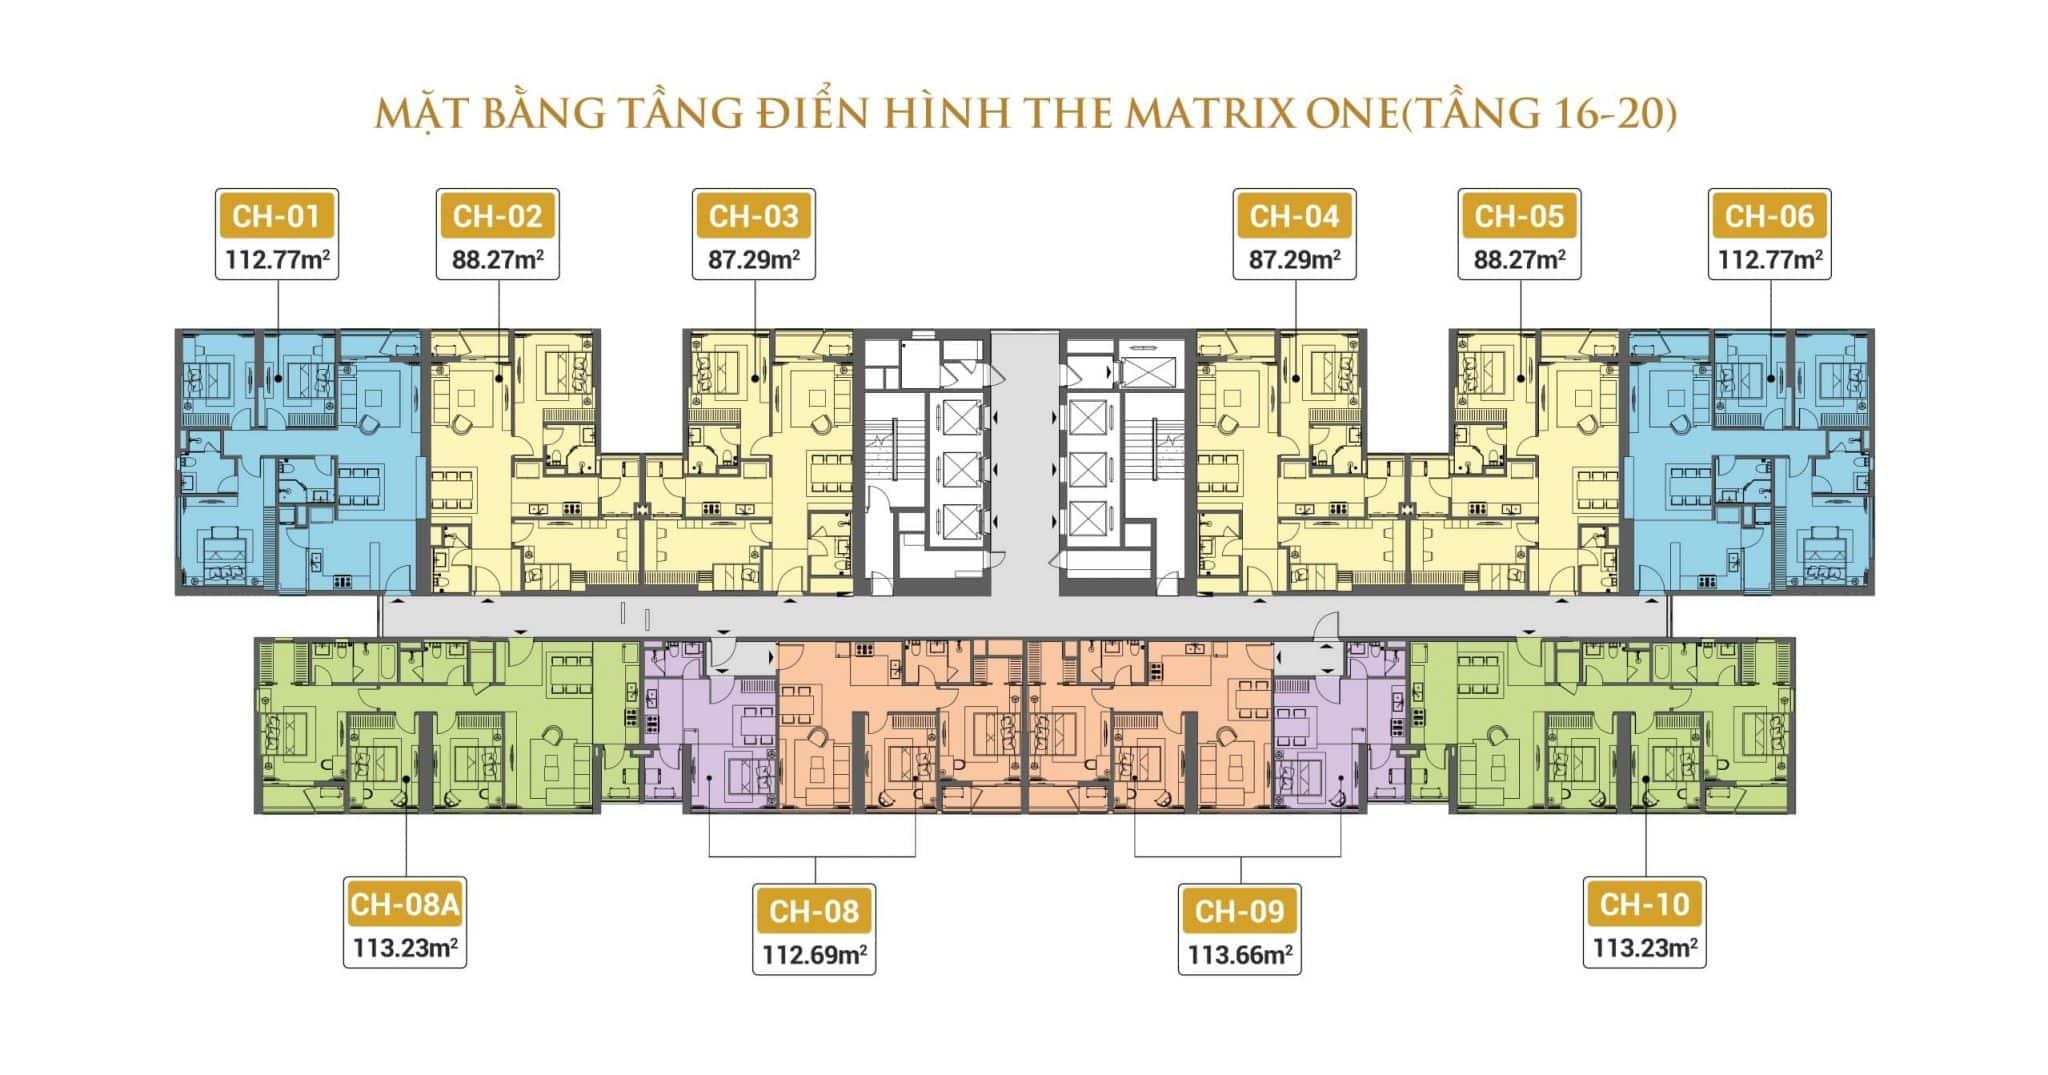 Mặt bằng tầng điển hình The Matrix One(Tầng 16-20)